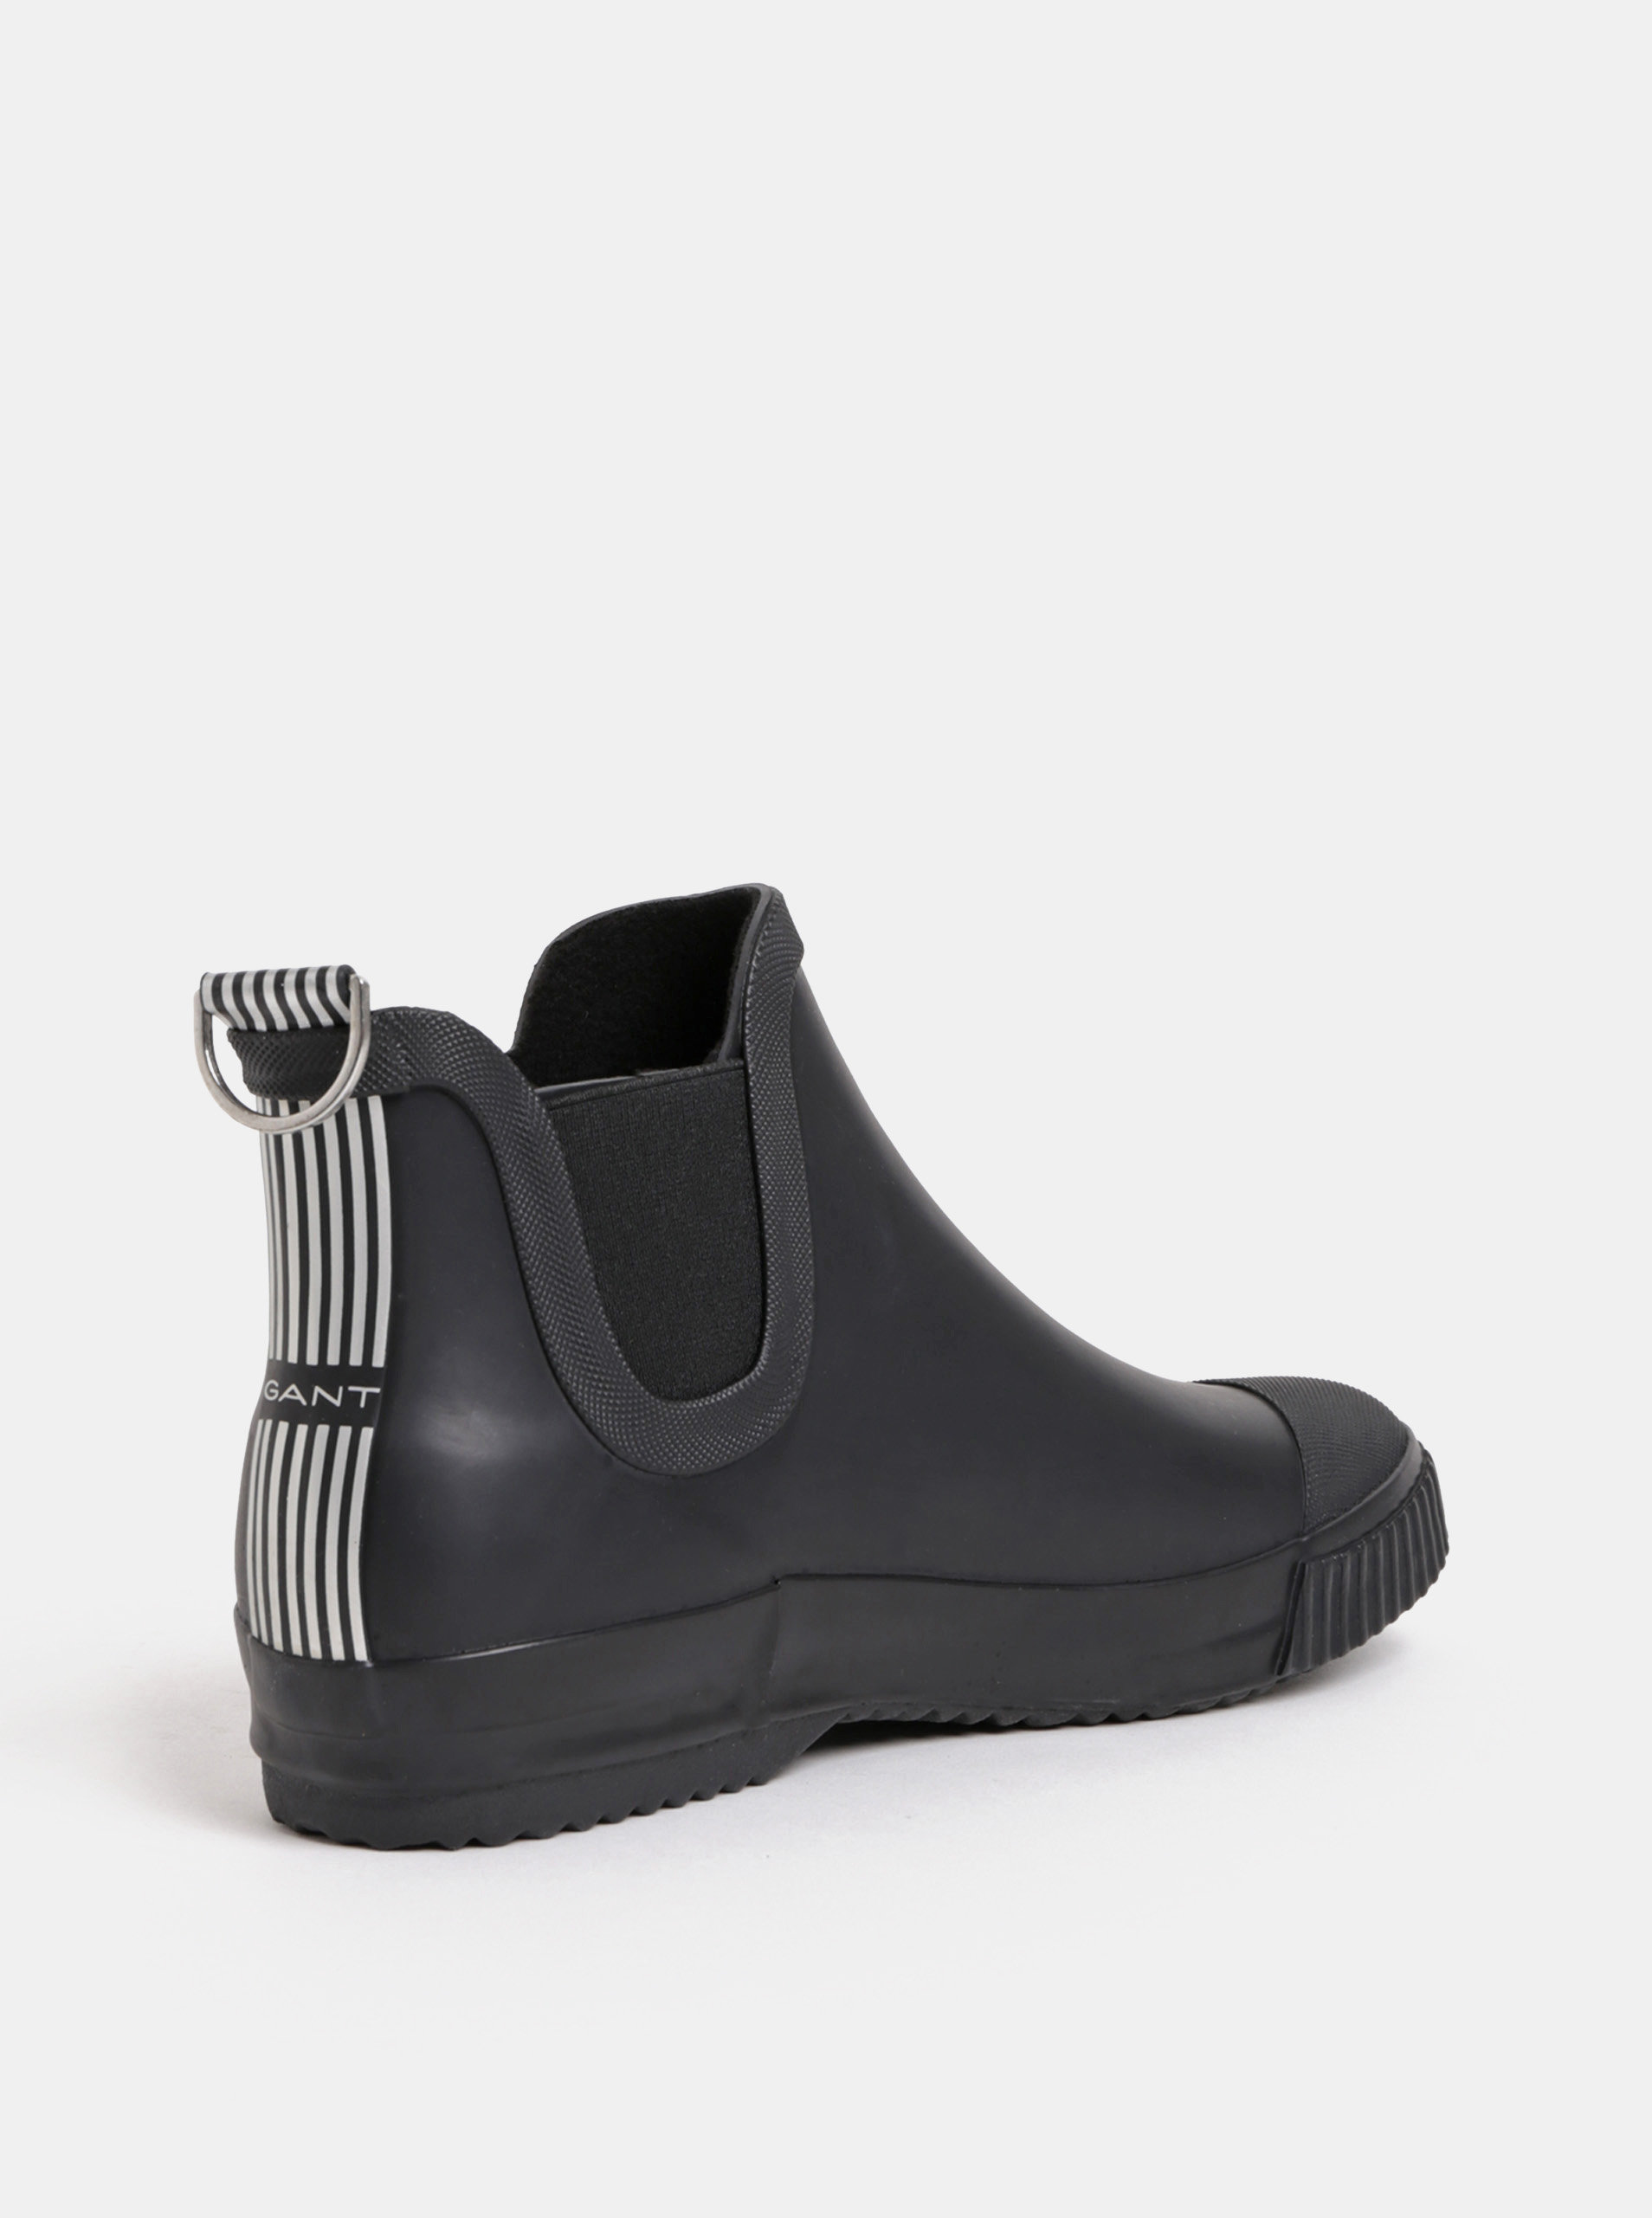 b43e375d6 Čierne dámske gumové chelsea topánky GANT Mandy | ZOOT.sk